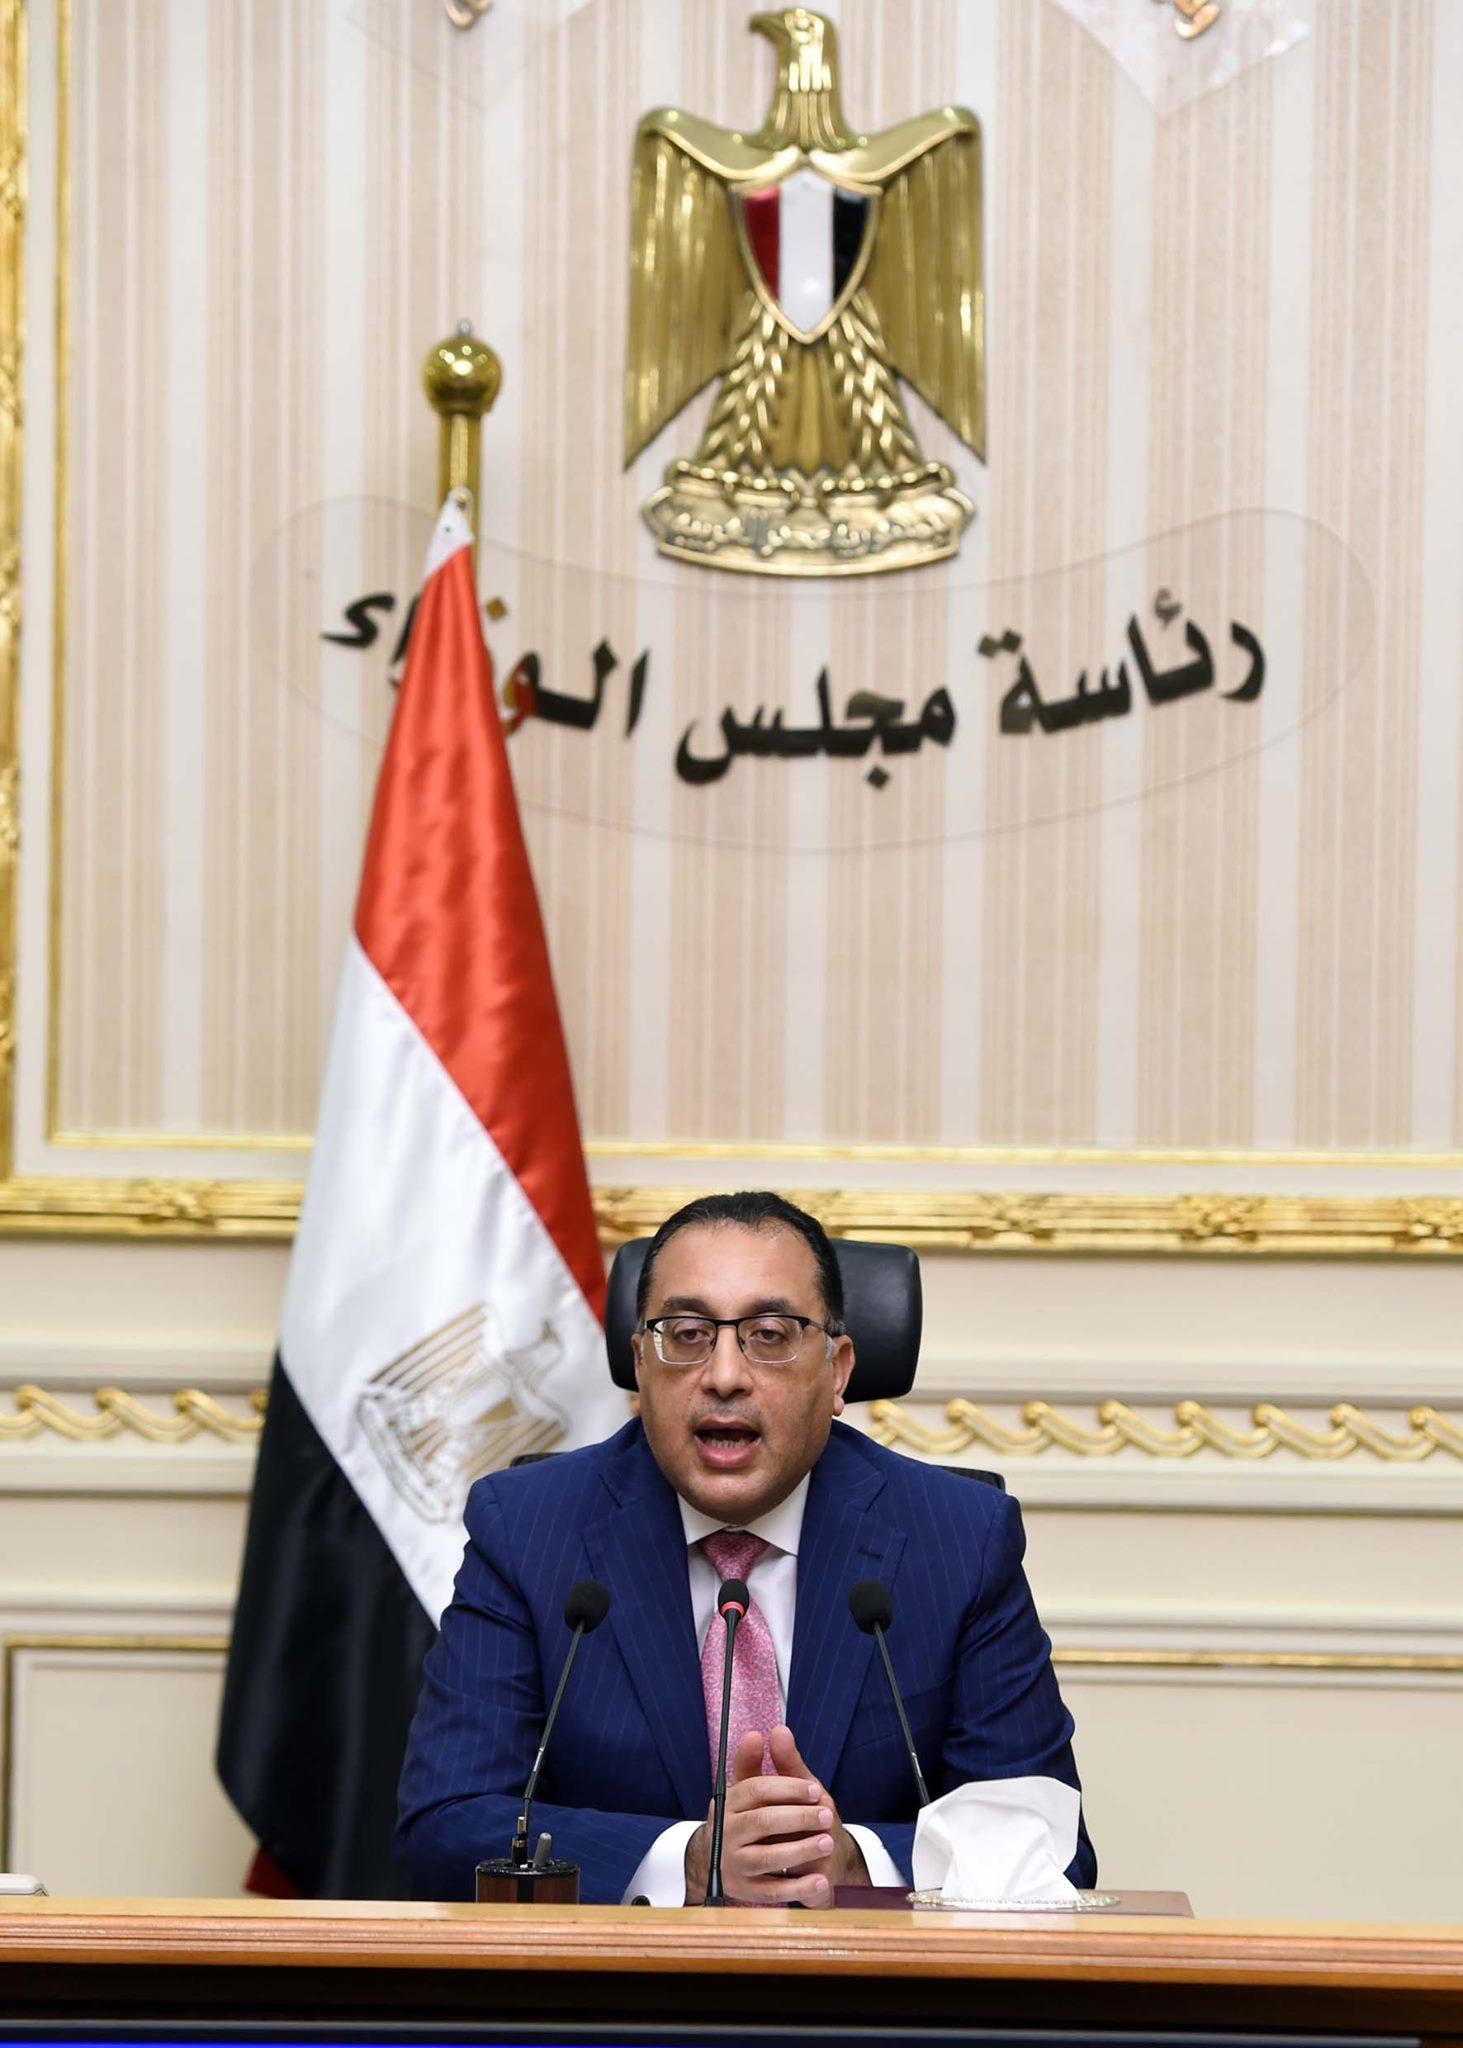 قرارات مجلس الوزراء اليوم لمواجهة كورونا وموعد إجازة عيد الفطر 2021 وموقف صلاة العيد 2